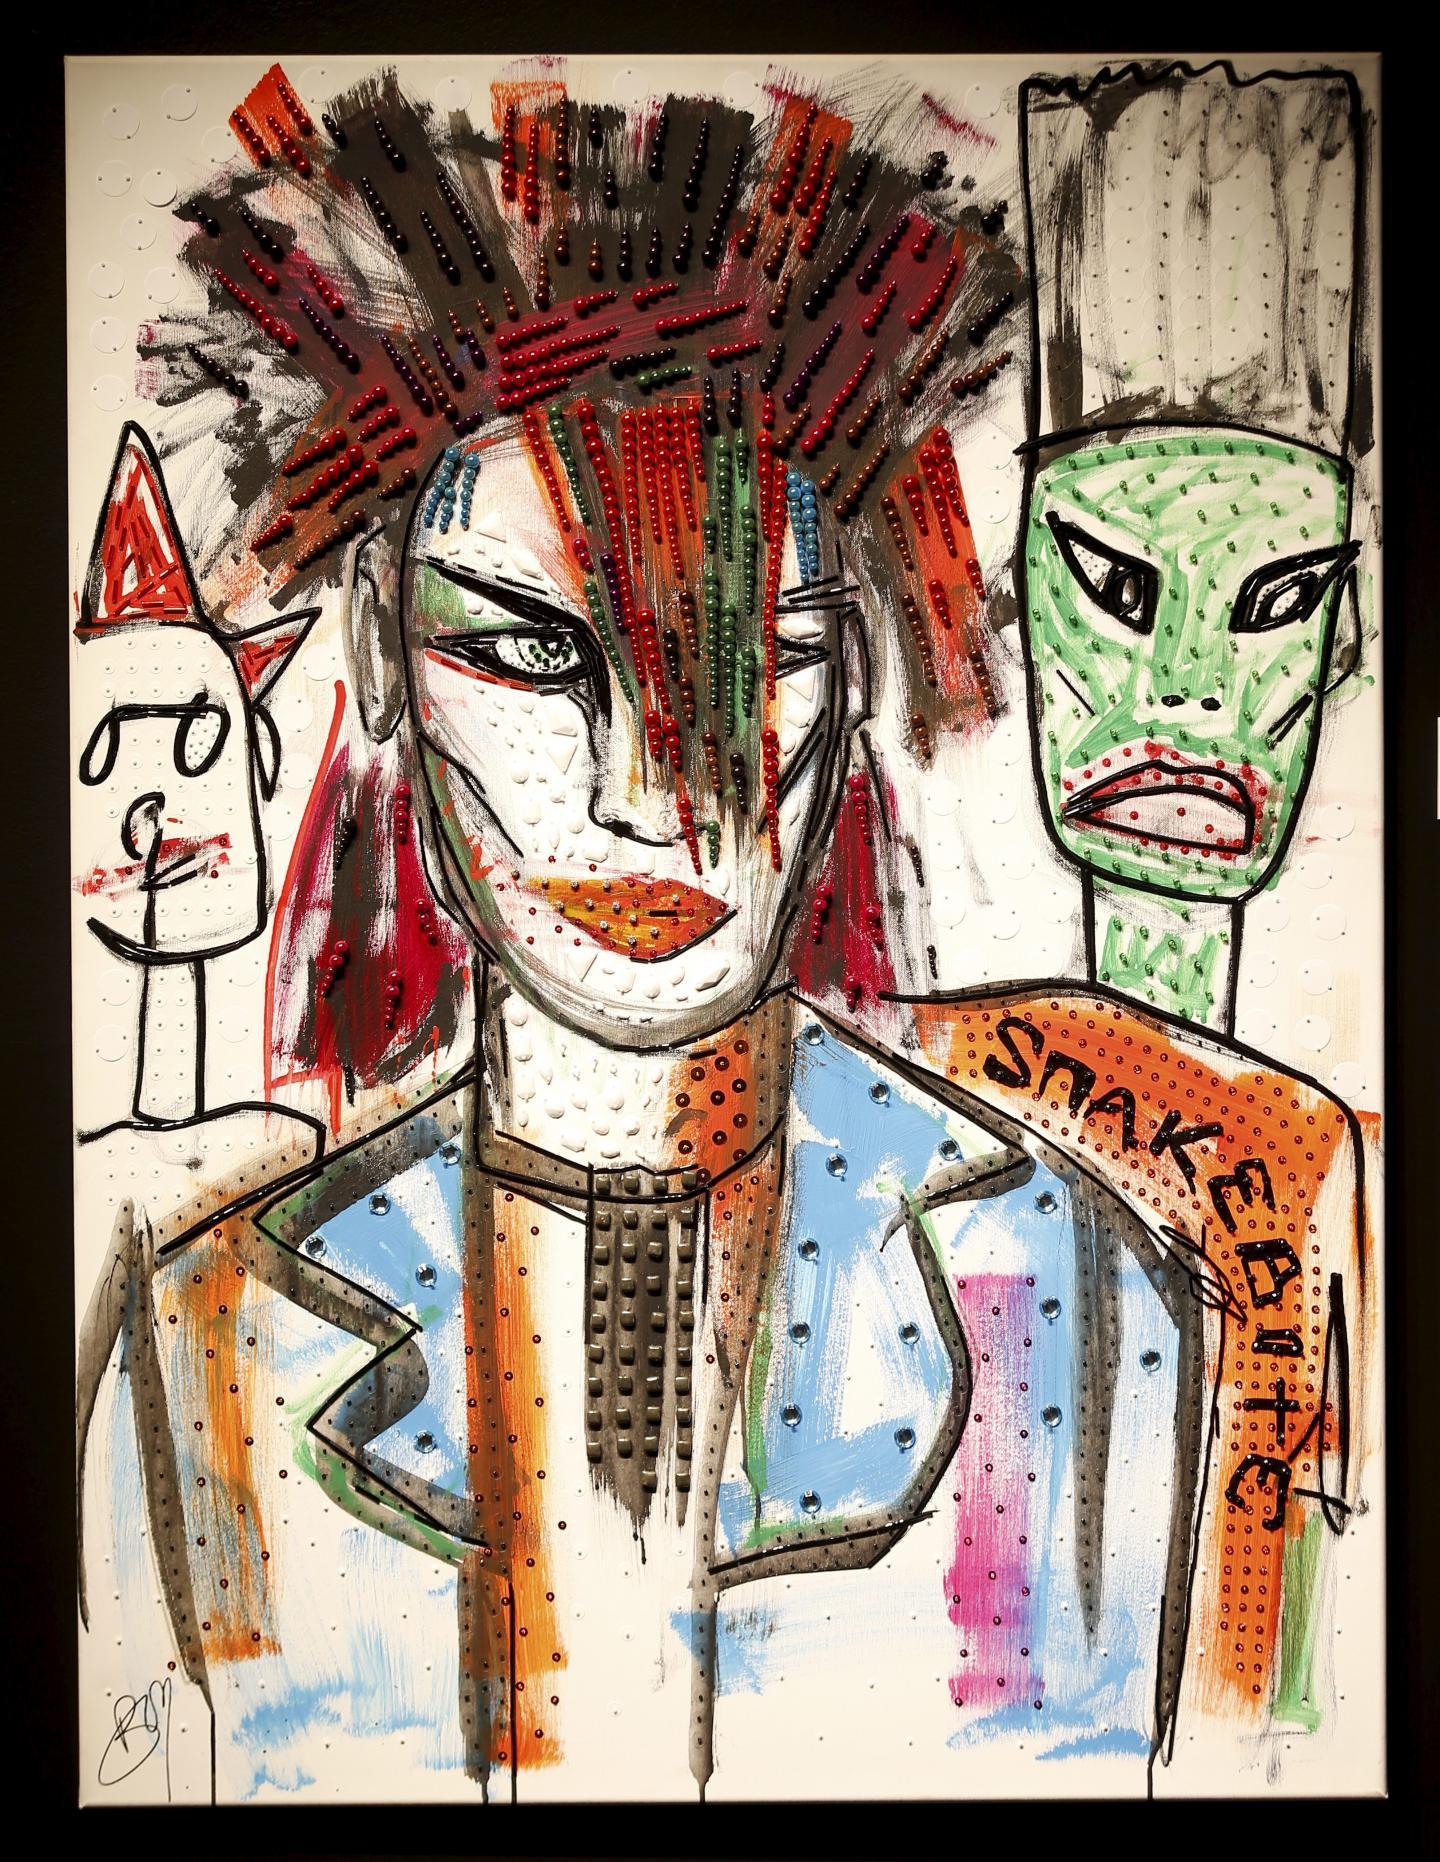 Parmi les portraits peints par Boy George, Prince ou encore David Bowie.